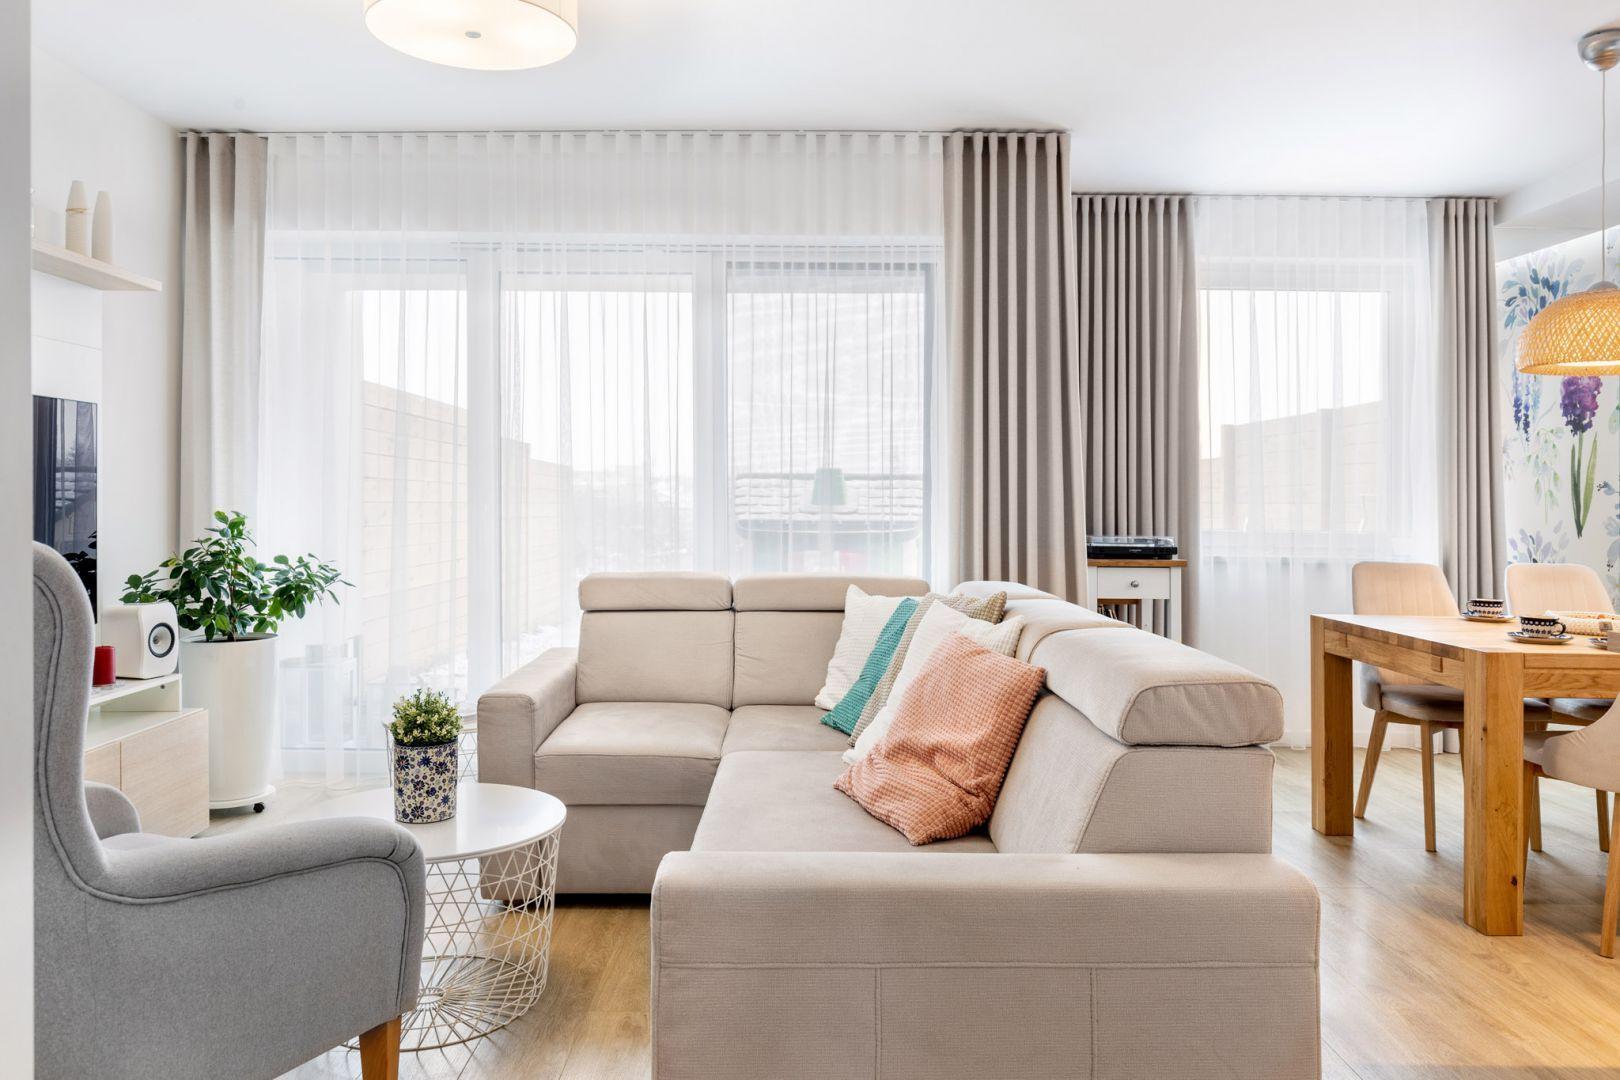 Beżowa sofa, podłoga w kolorze drewna i pastelowe dodatki w salonie. Projekt: Joanna Nawrocka, JN Studio Joanna Nawrocka. Fot. Łukasz Bera